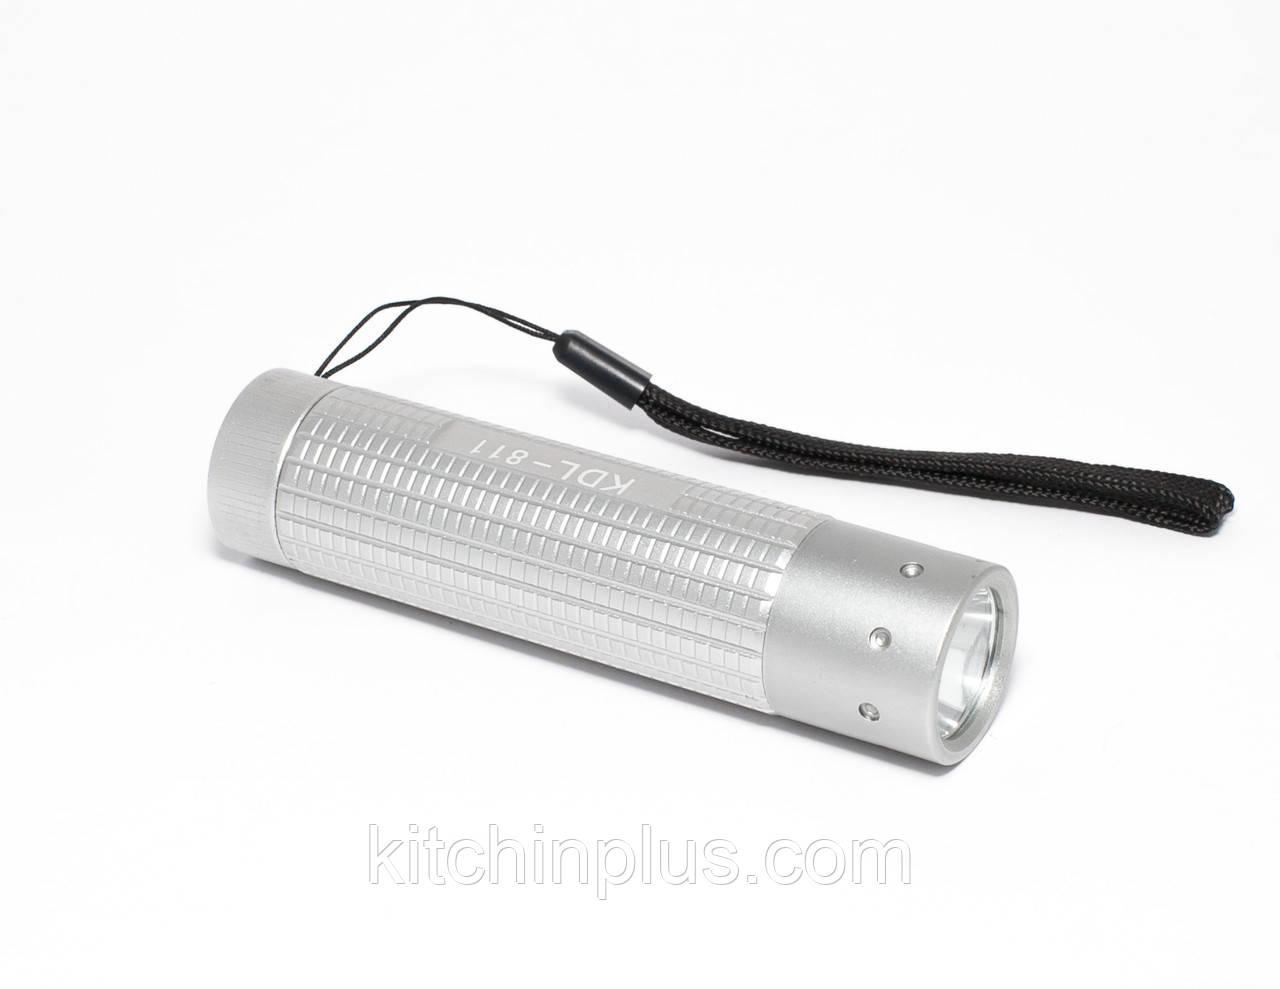 Фонарик ручной KDL-811 светодиодный